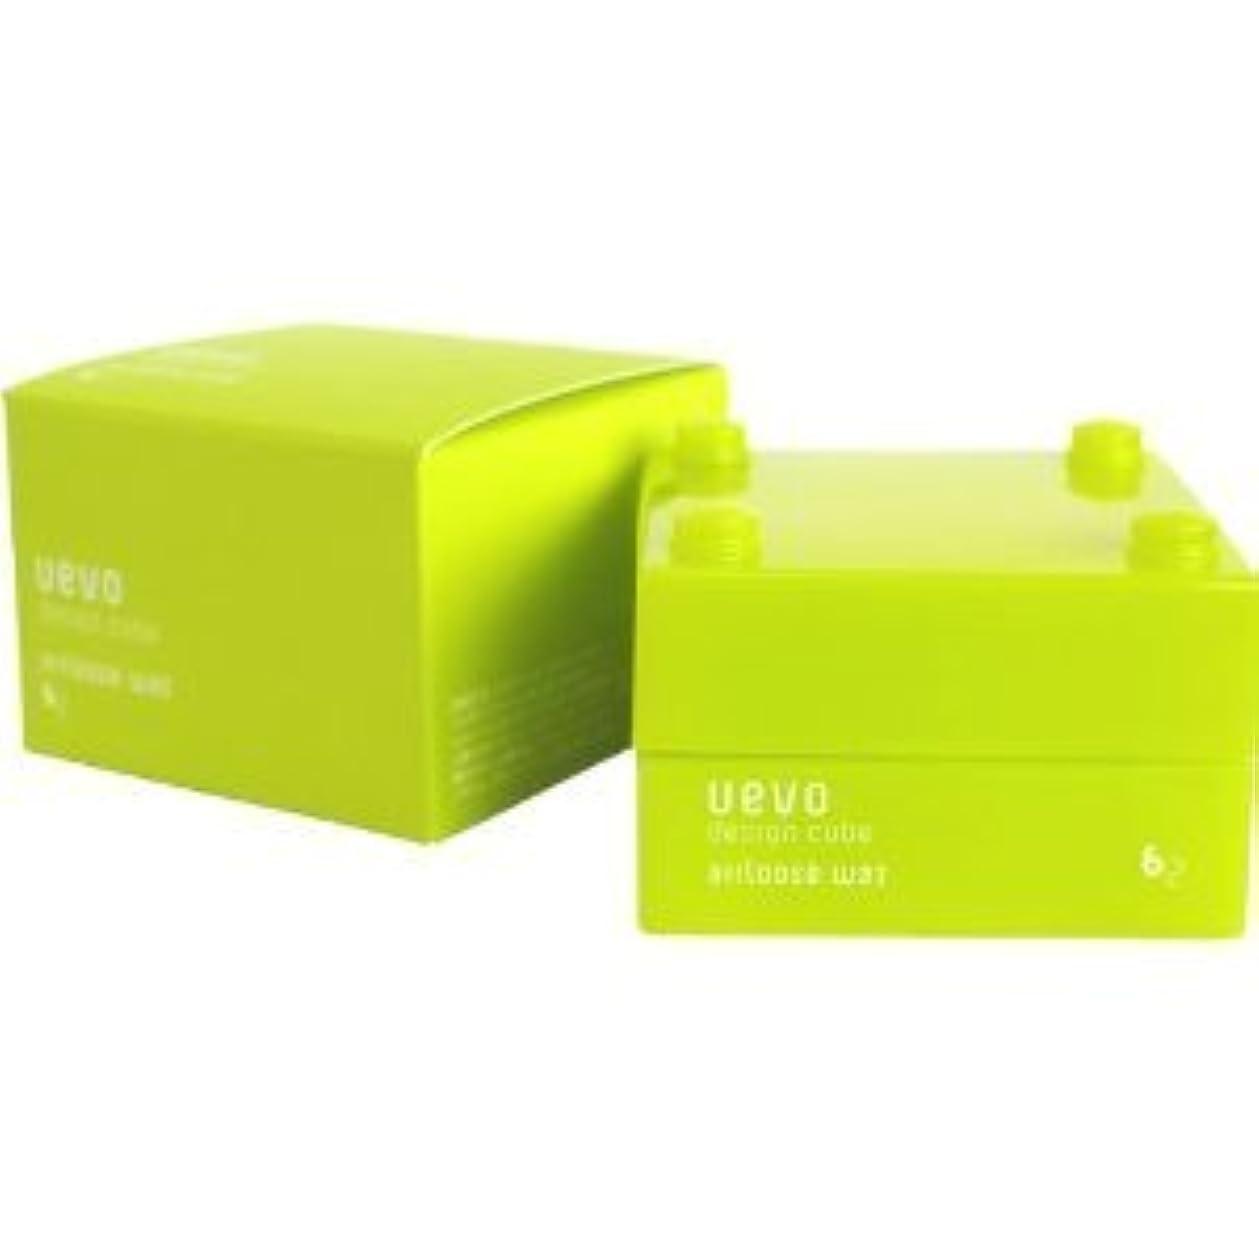 市長苦味迫害【X3個セット】 デミ ウェーボ デザインキューブ エアルーズワックス 30g airloose wax DEMI uevo design cube